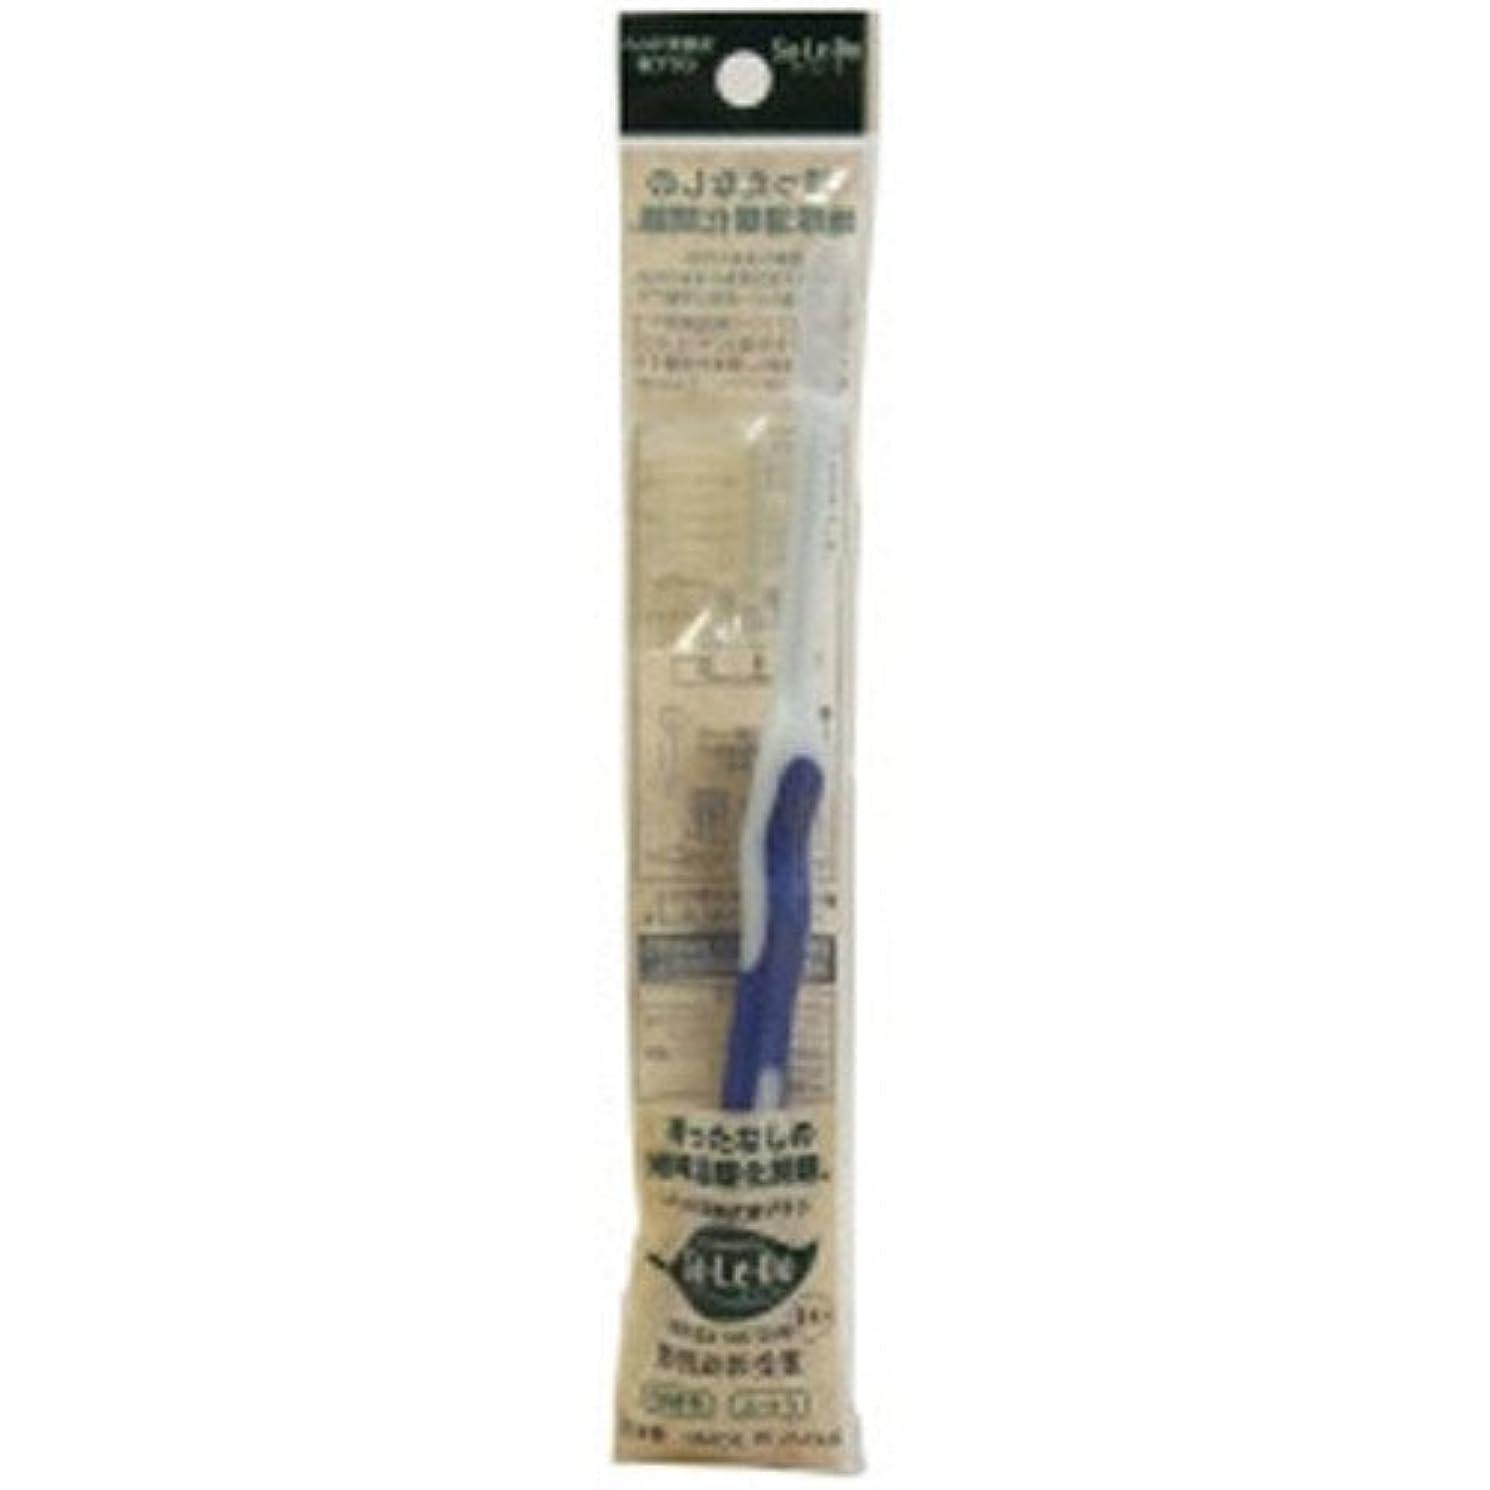 予備石灰岩逸脱サレド ヘッド交換式歯ブラシ お試しセット レギュラーヘッド ブルー